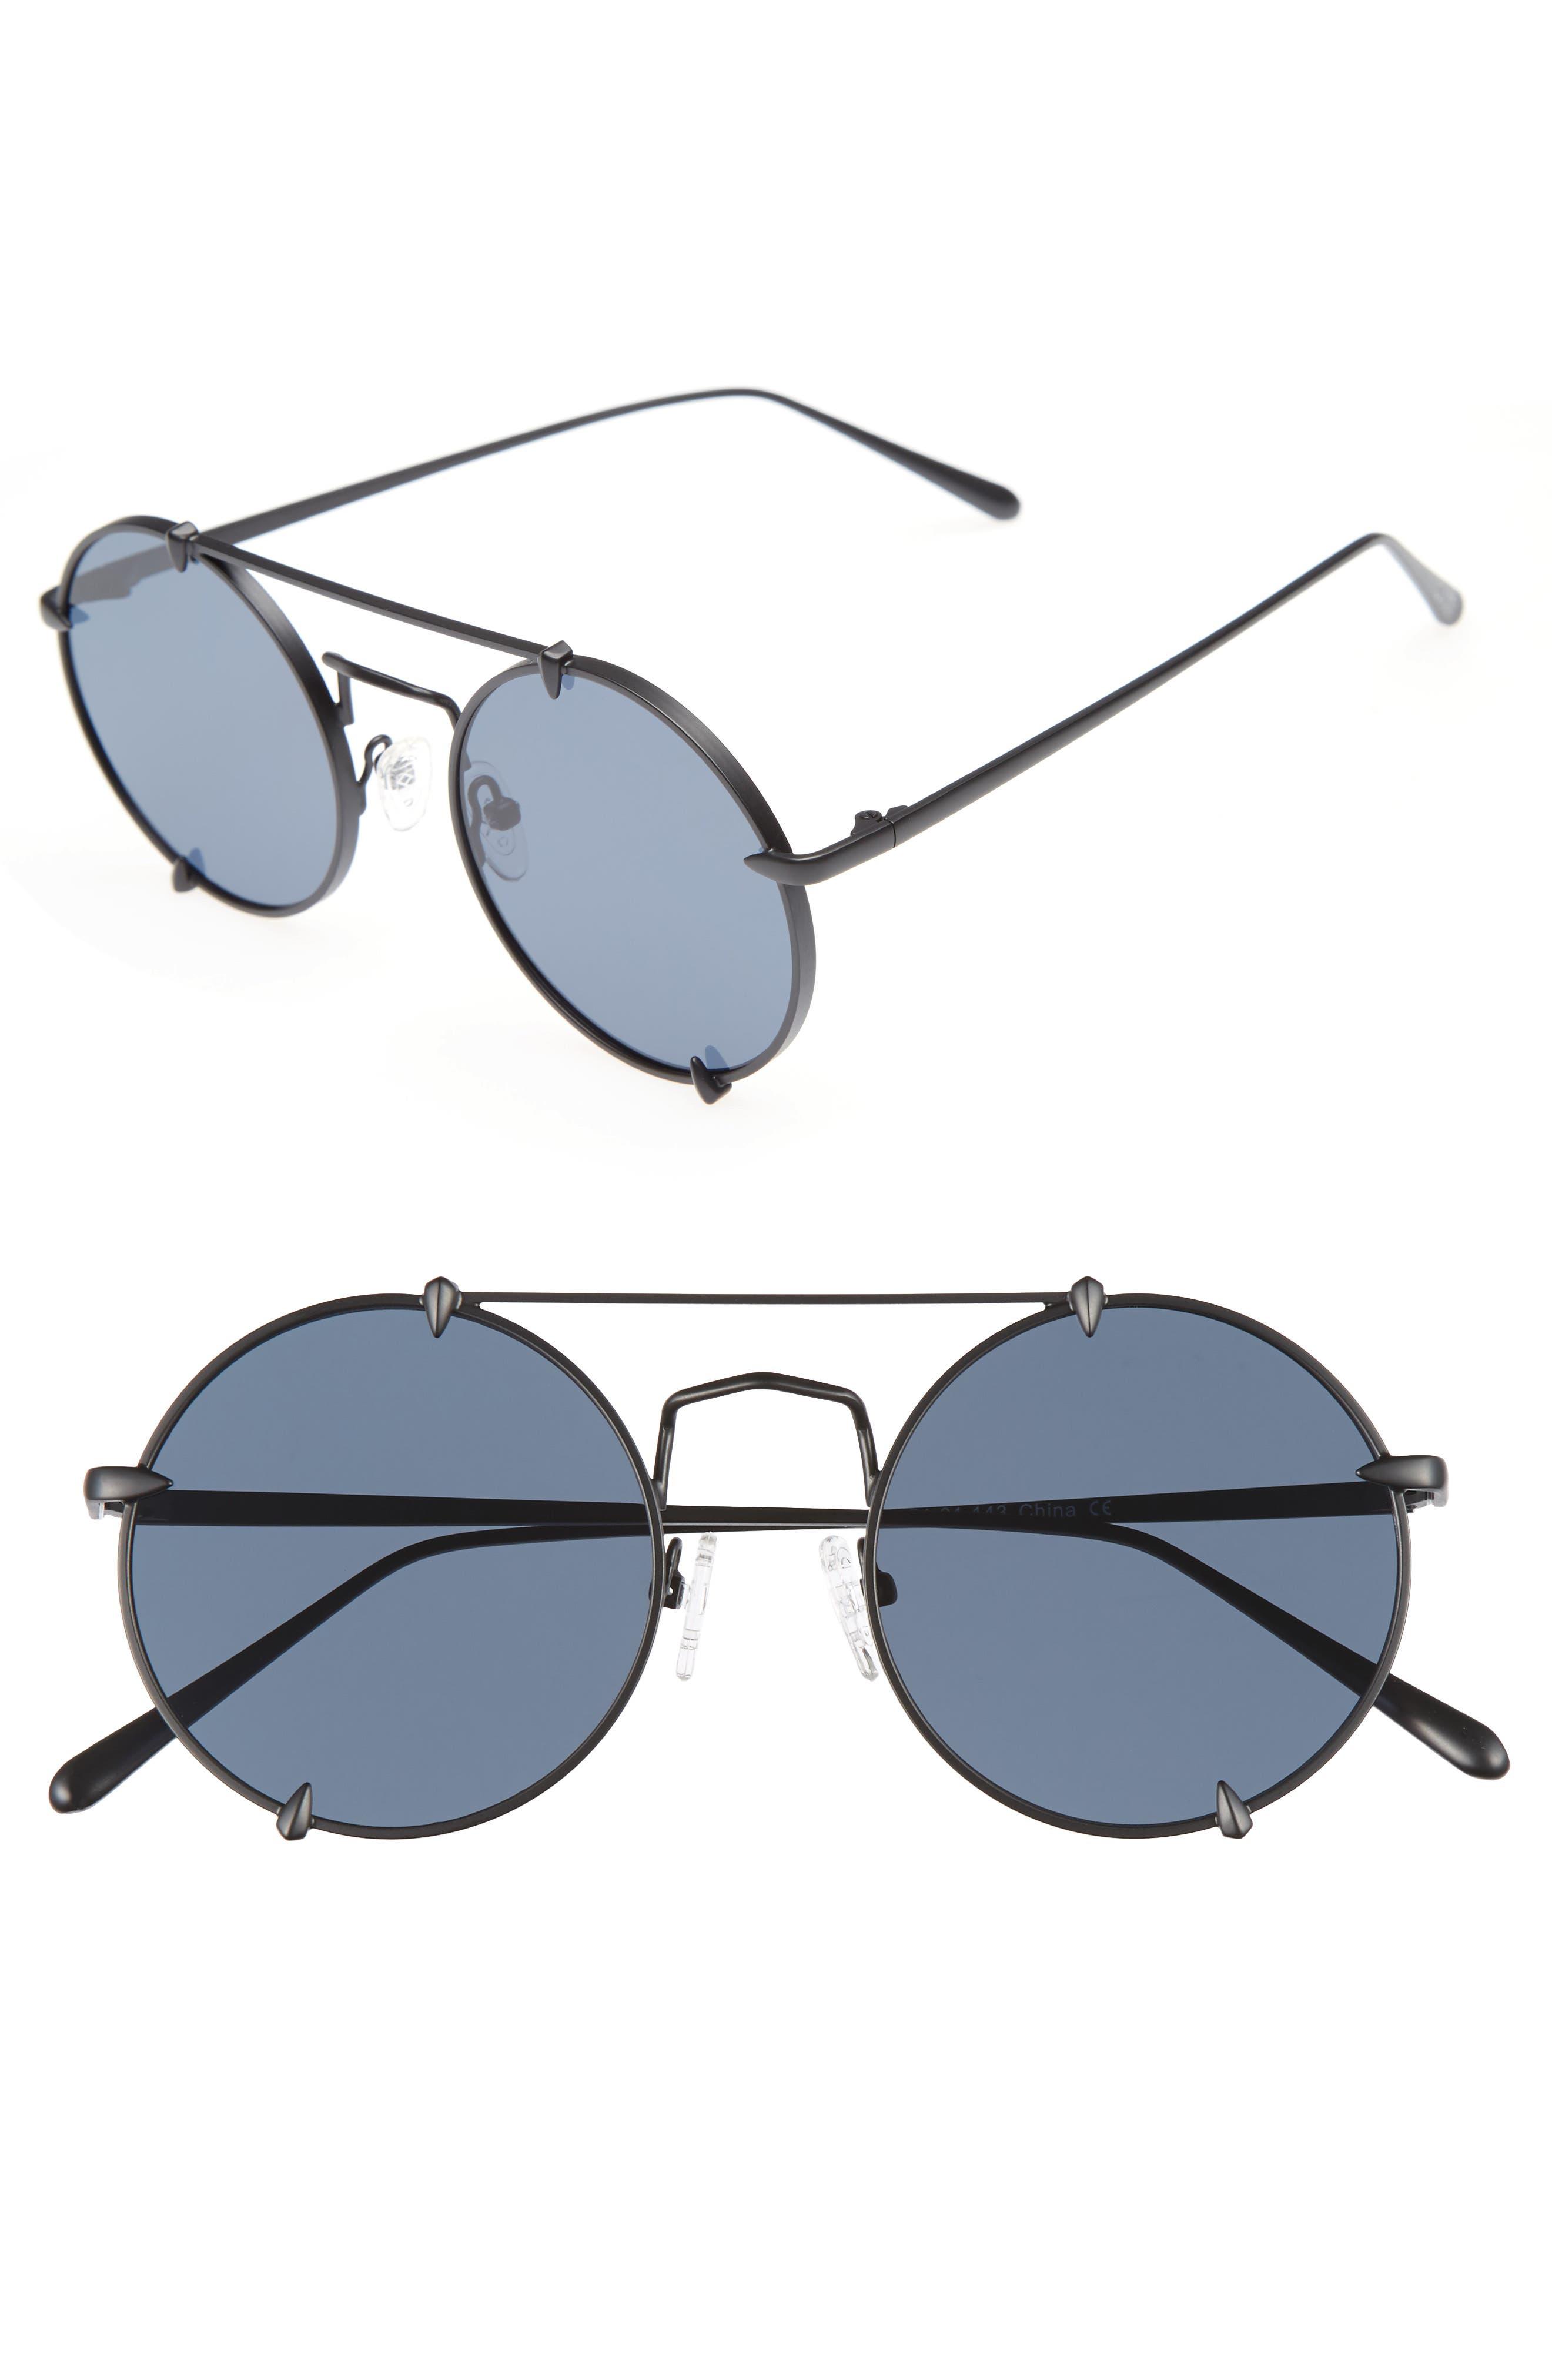 Bonnie Clide Pico 51mm Round Browbar Sunglasses,                             Main thumbnail 1, color,                             001